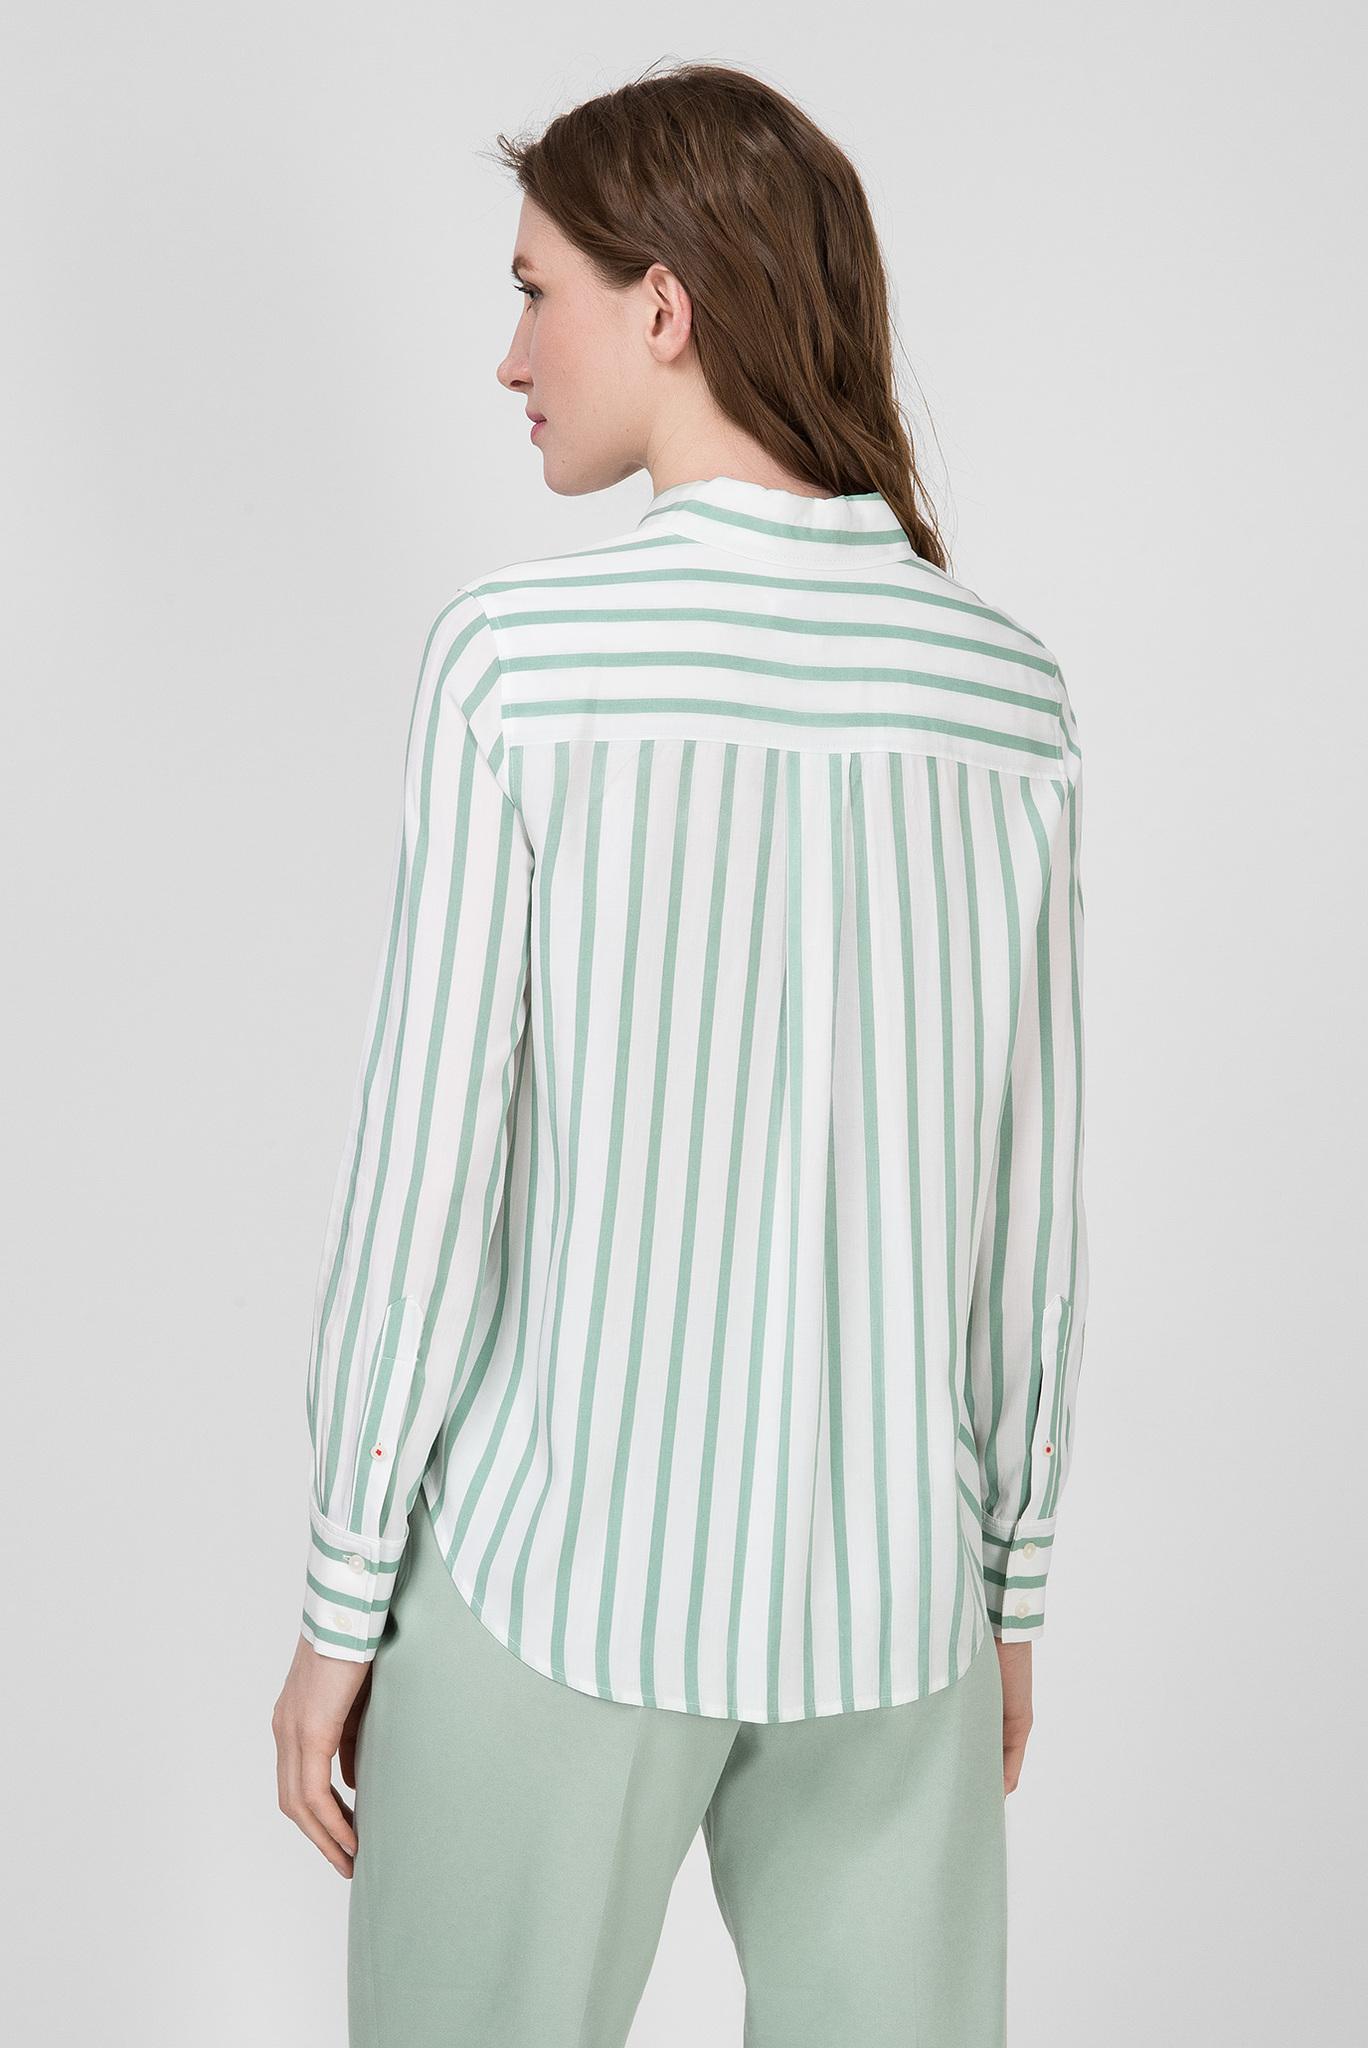 Женская блуза в полоску DANEE Tommy Hilfiger